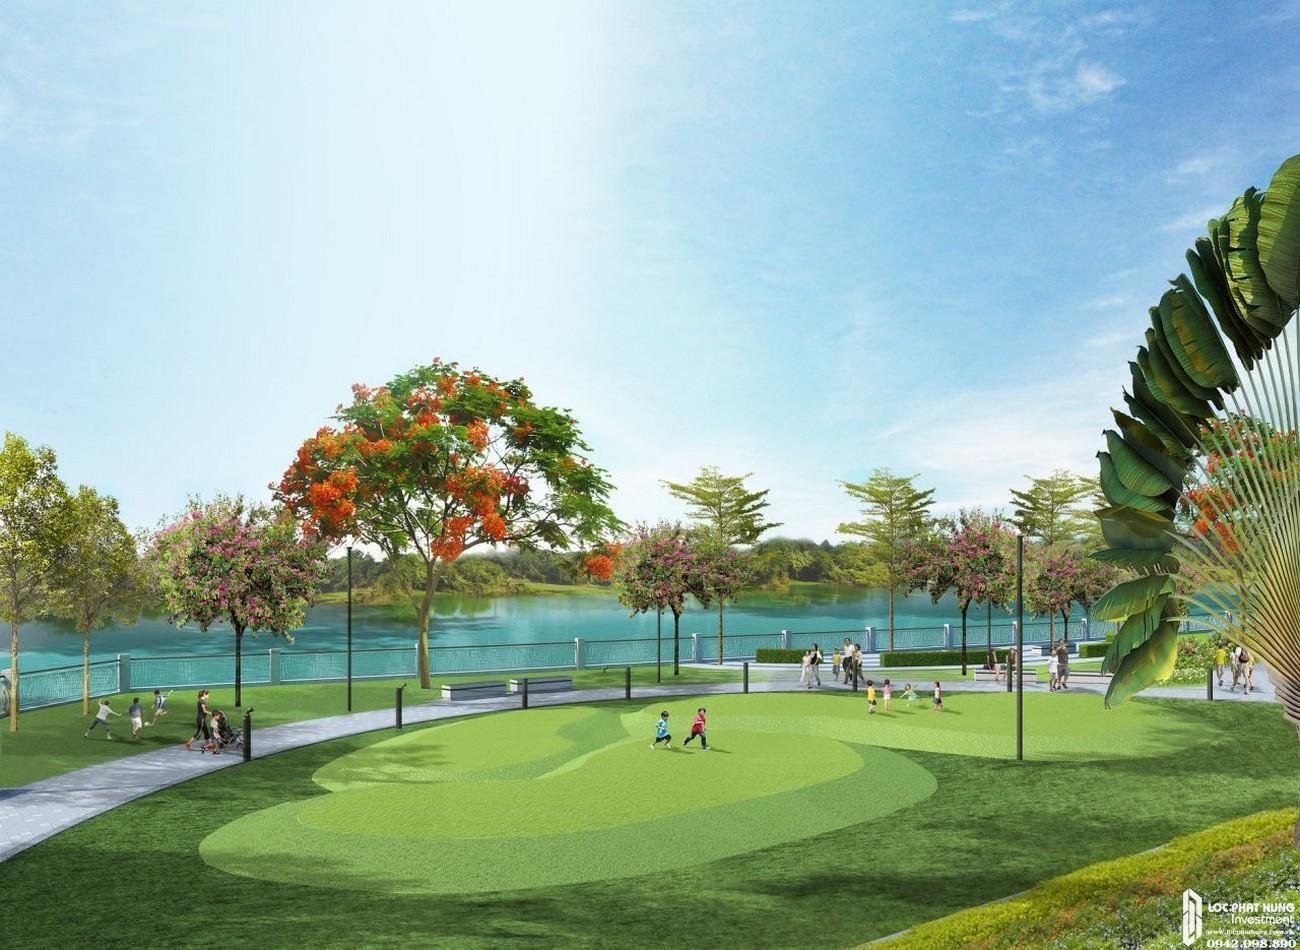 Tiện ích dự án căn hộ chung cư Lavita Thuận An Thuận An Đường Quốc lộ 13 chủ đầu tư Quốc Cường Gia Lai